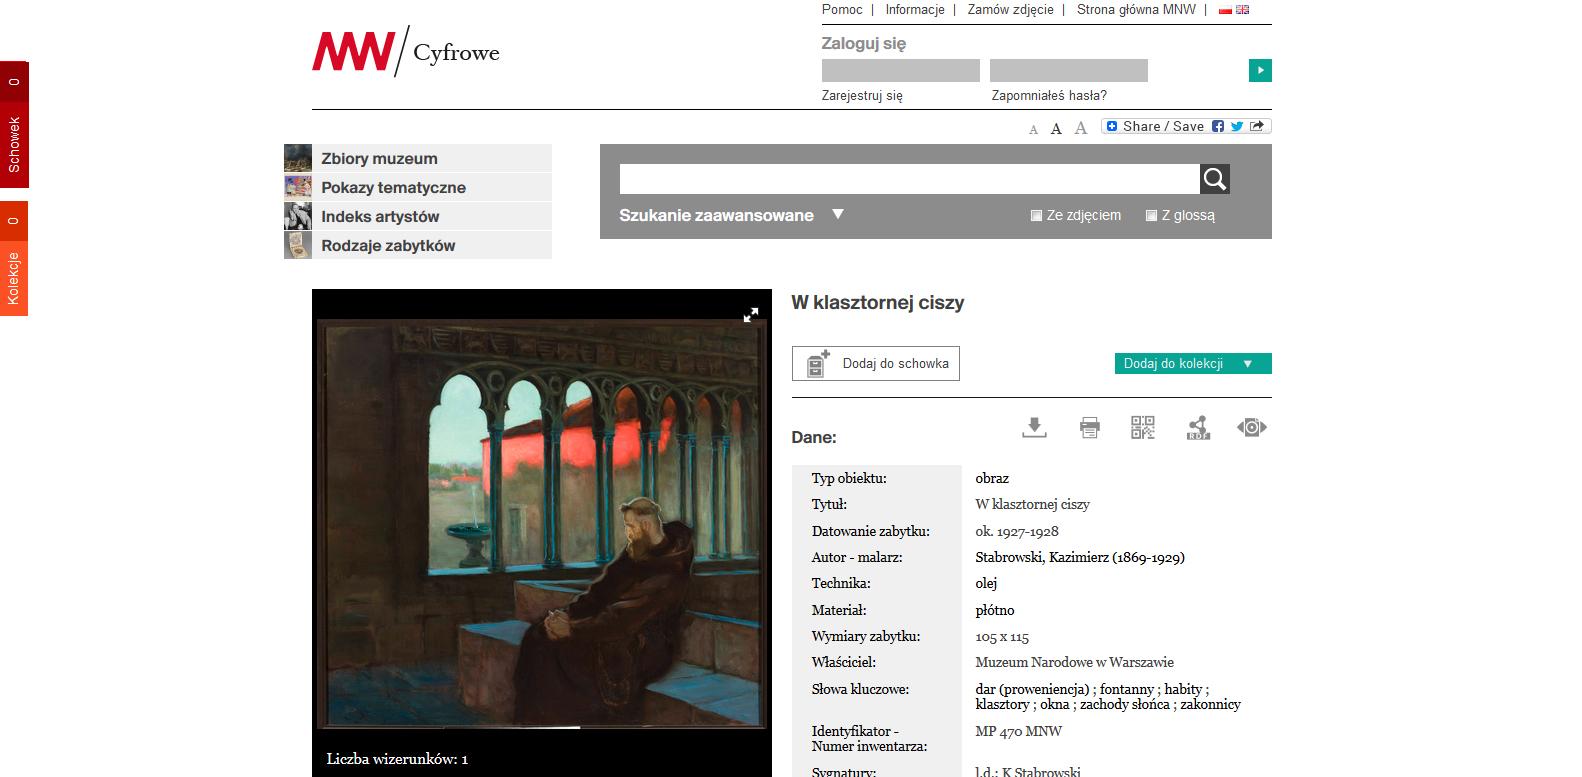 cyfrowe.mnw.art.pl